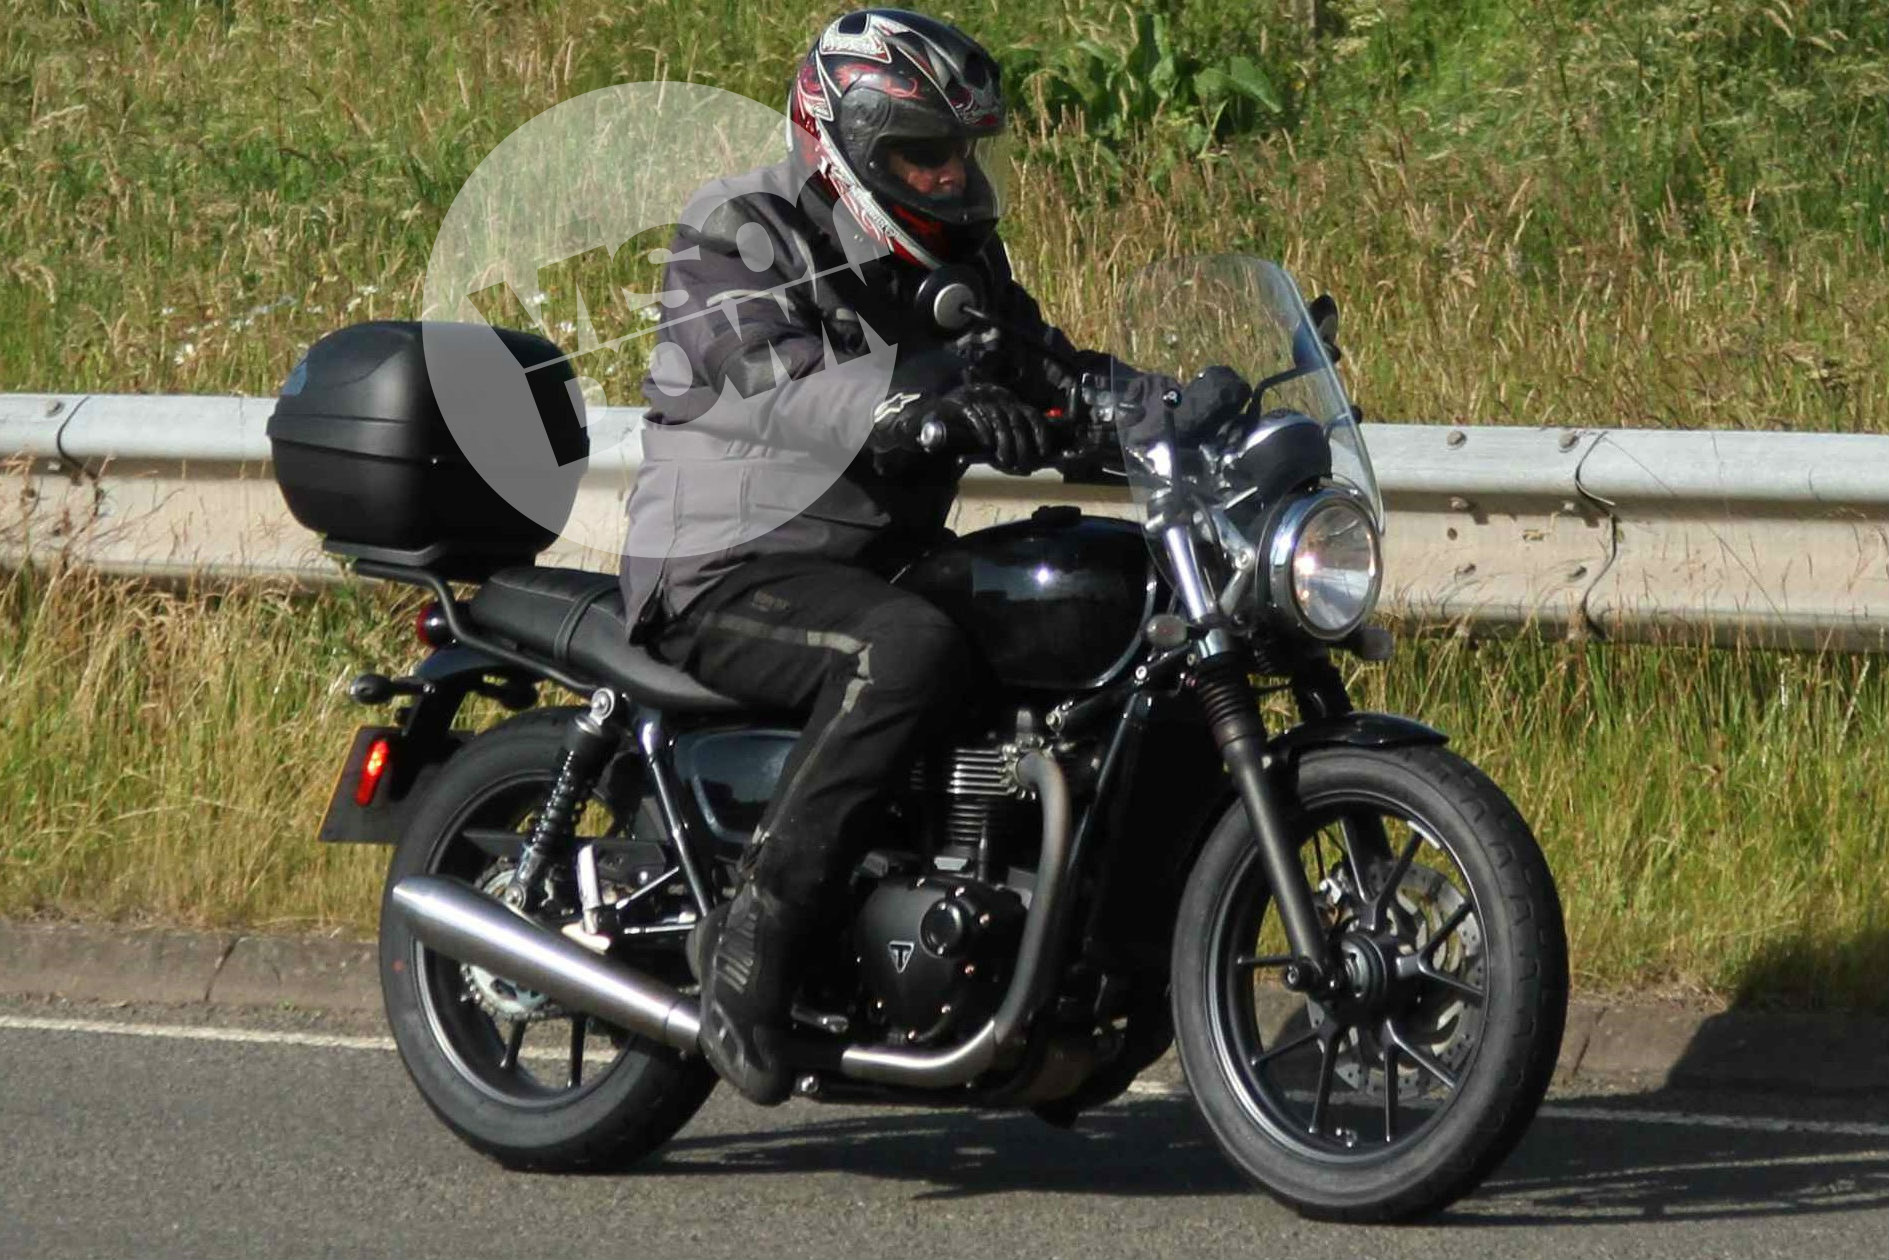 New base-model Triumph Bonneville caught